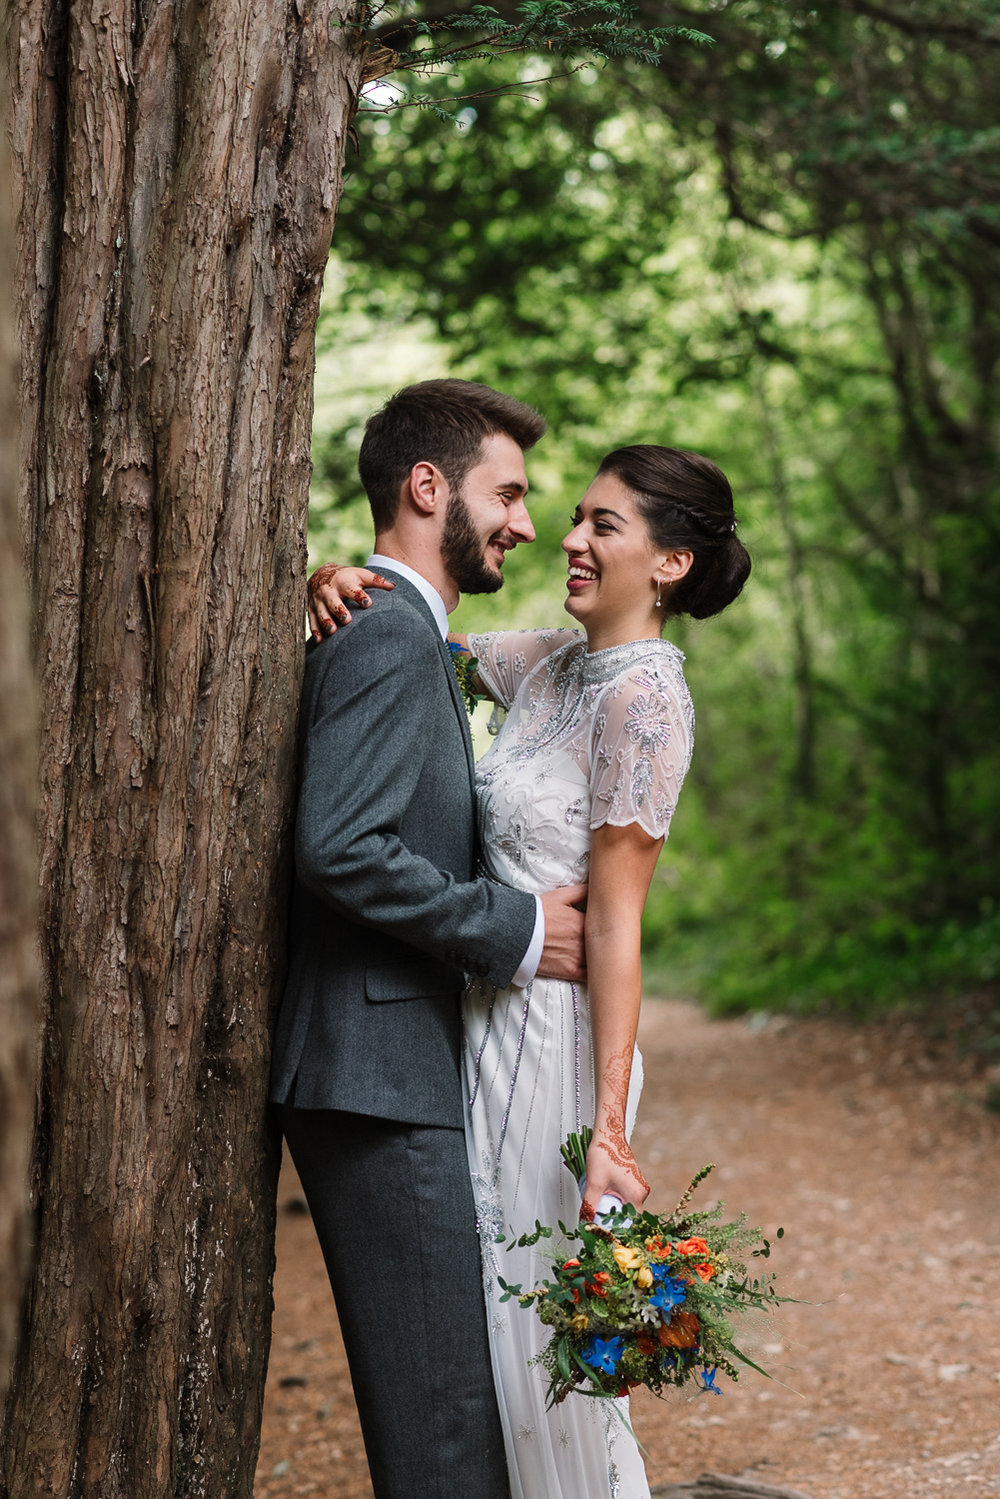 denbies-wedding-photographer-26.jpg